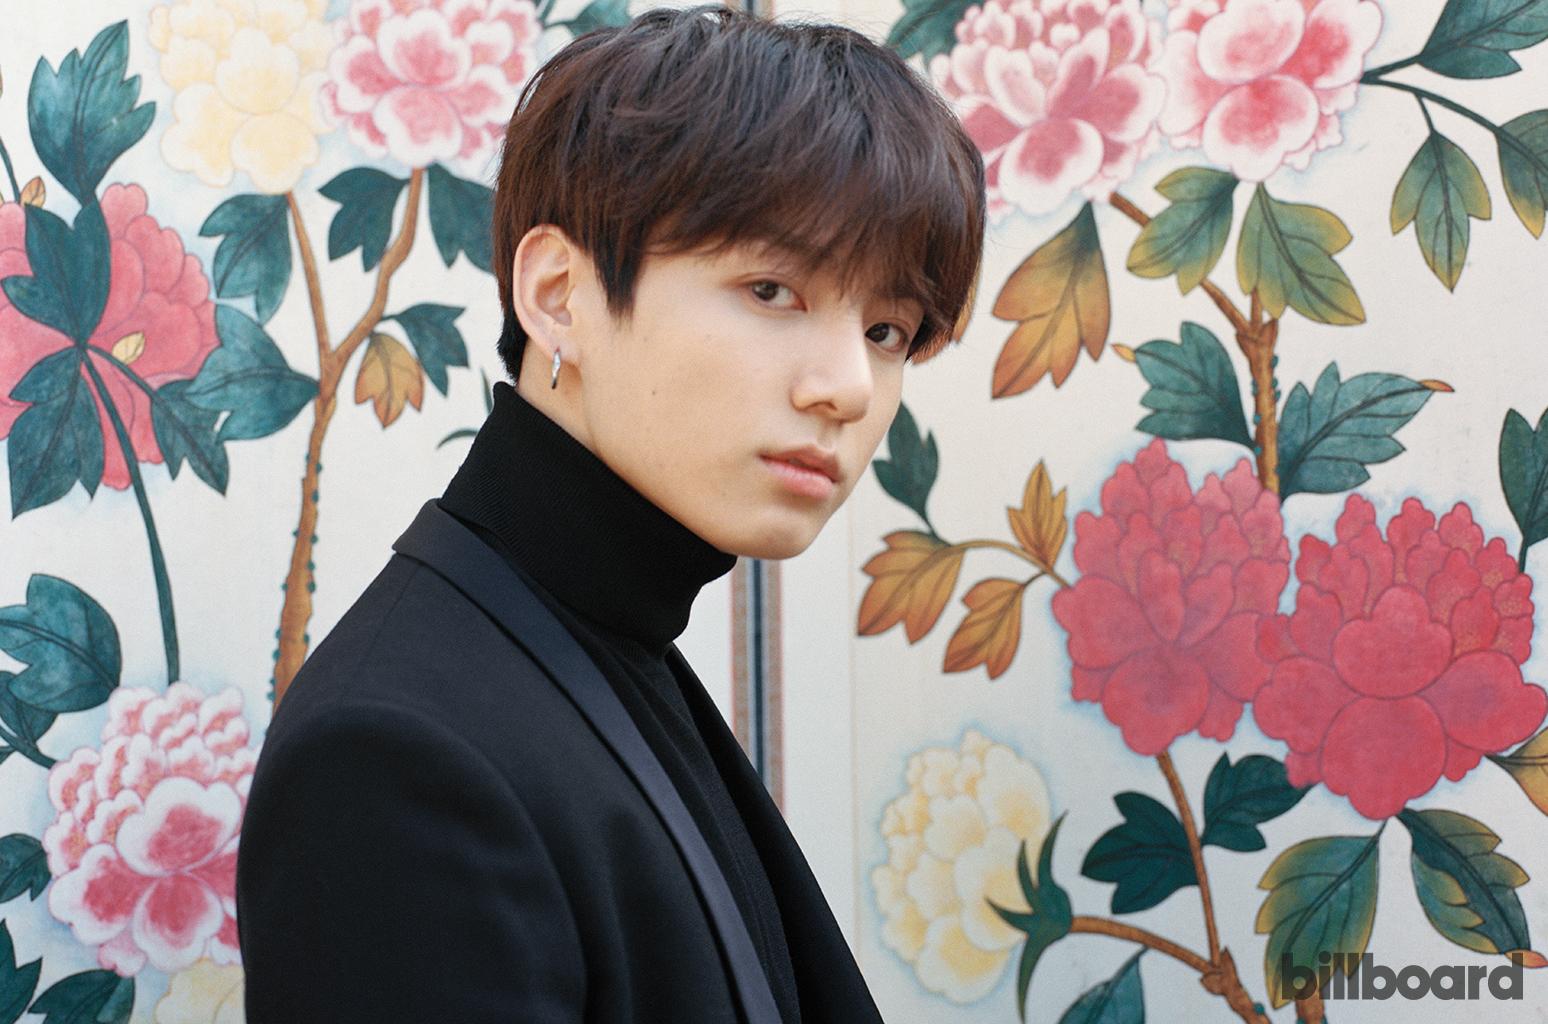 Ảnh Joongkook đẹp